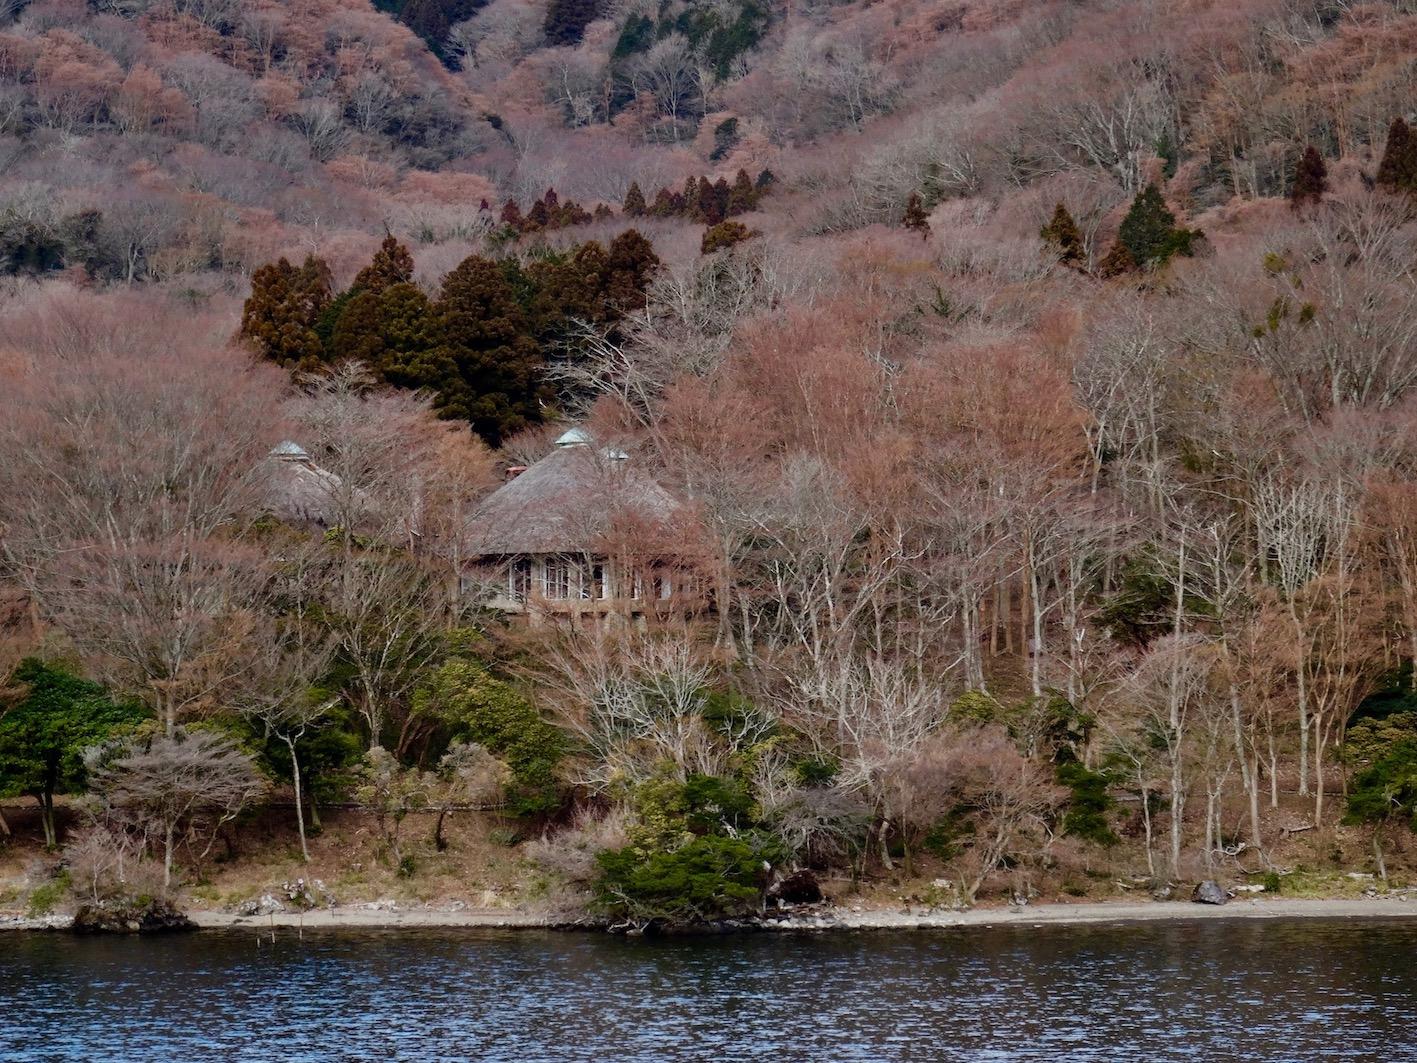 Thatched holiday homes Lake Ashi Japan.